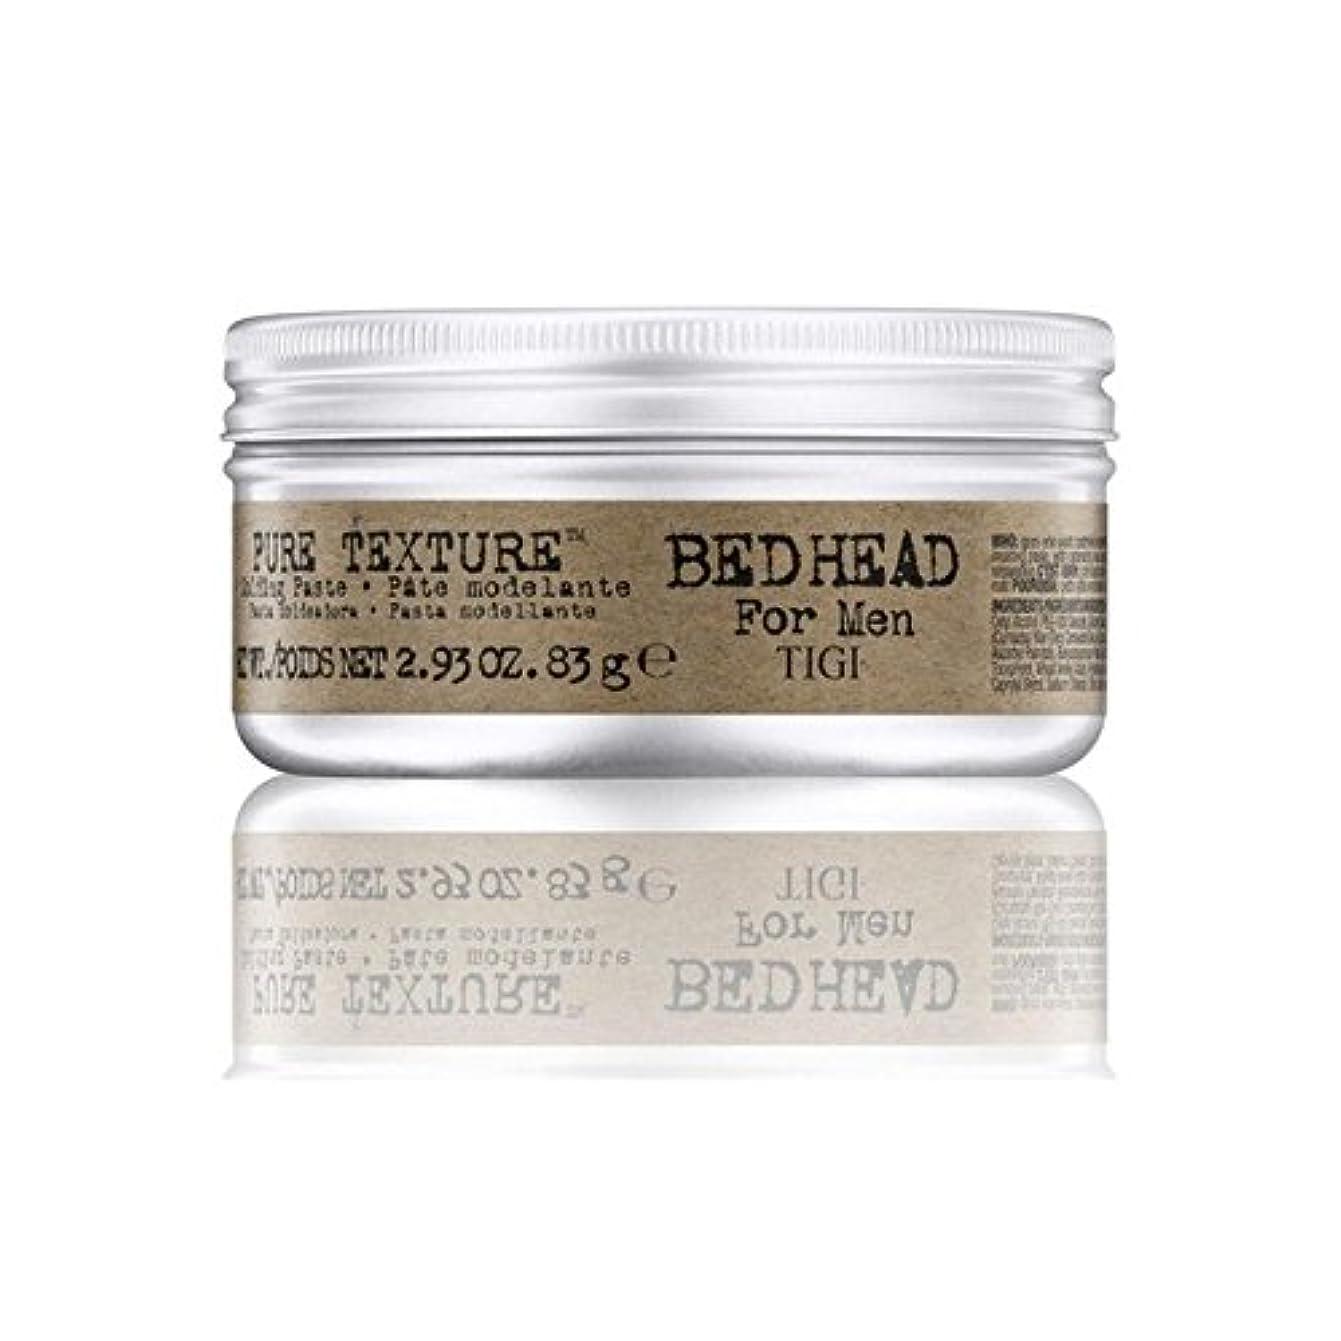 重量サスティーンおばさん男性の純粋なテクスチャーモールディングペースト(83グラム)のためのティジーベッドヘッド x2 - Tigi Bed Head For Men Pure Texture Molding Paste (83G) (Pack...